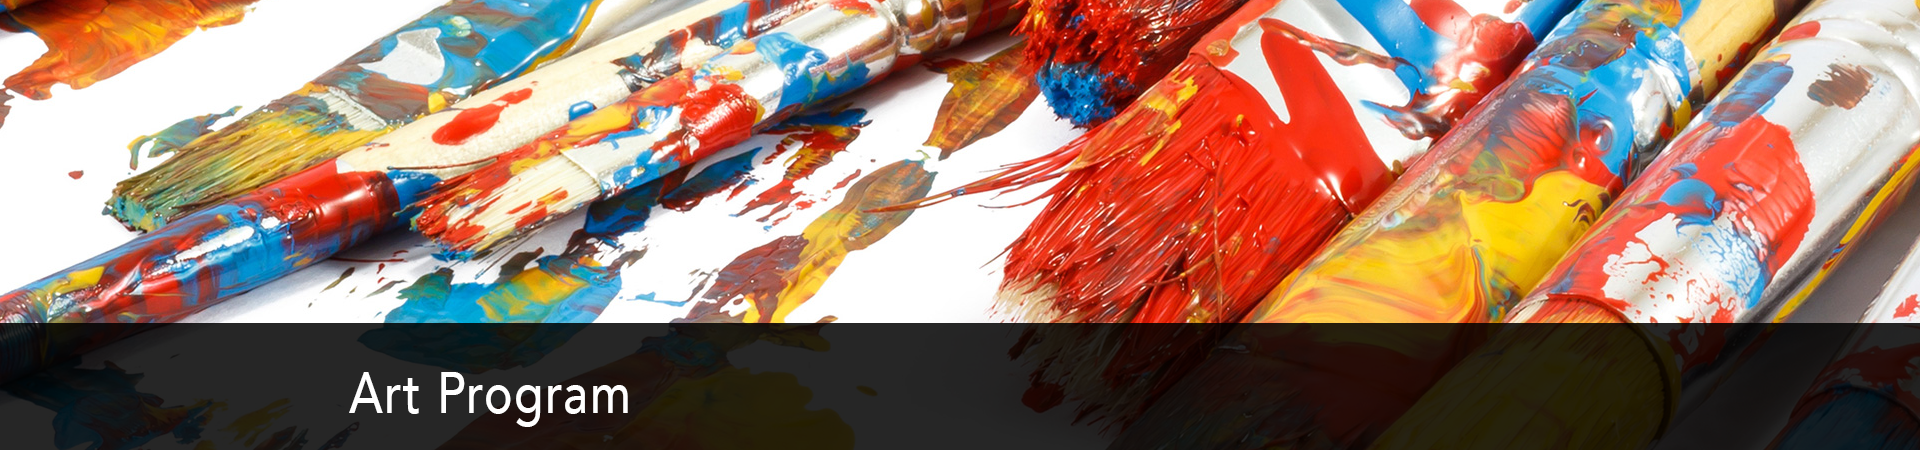 Explore the Art program at NC